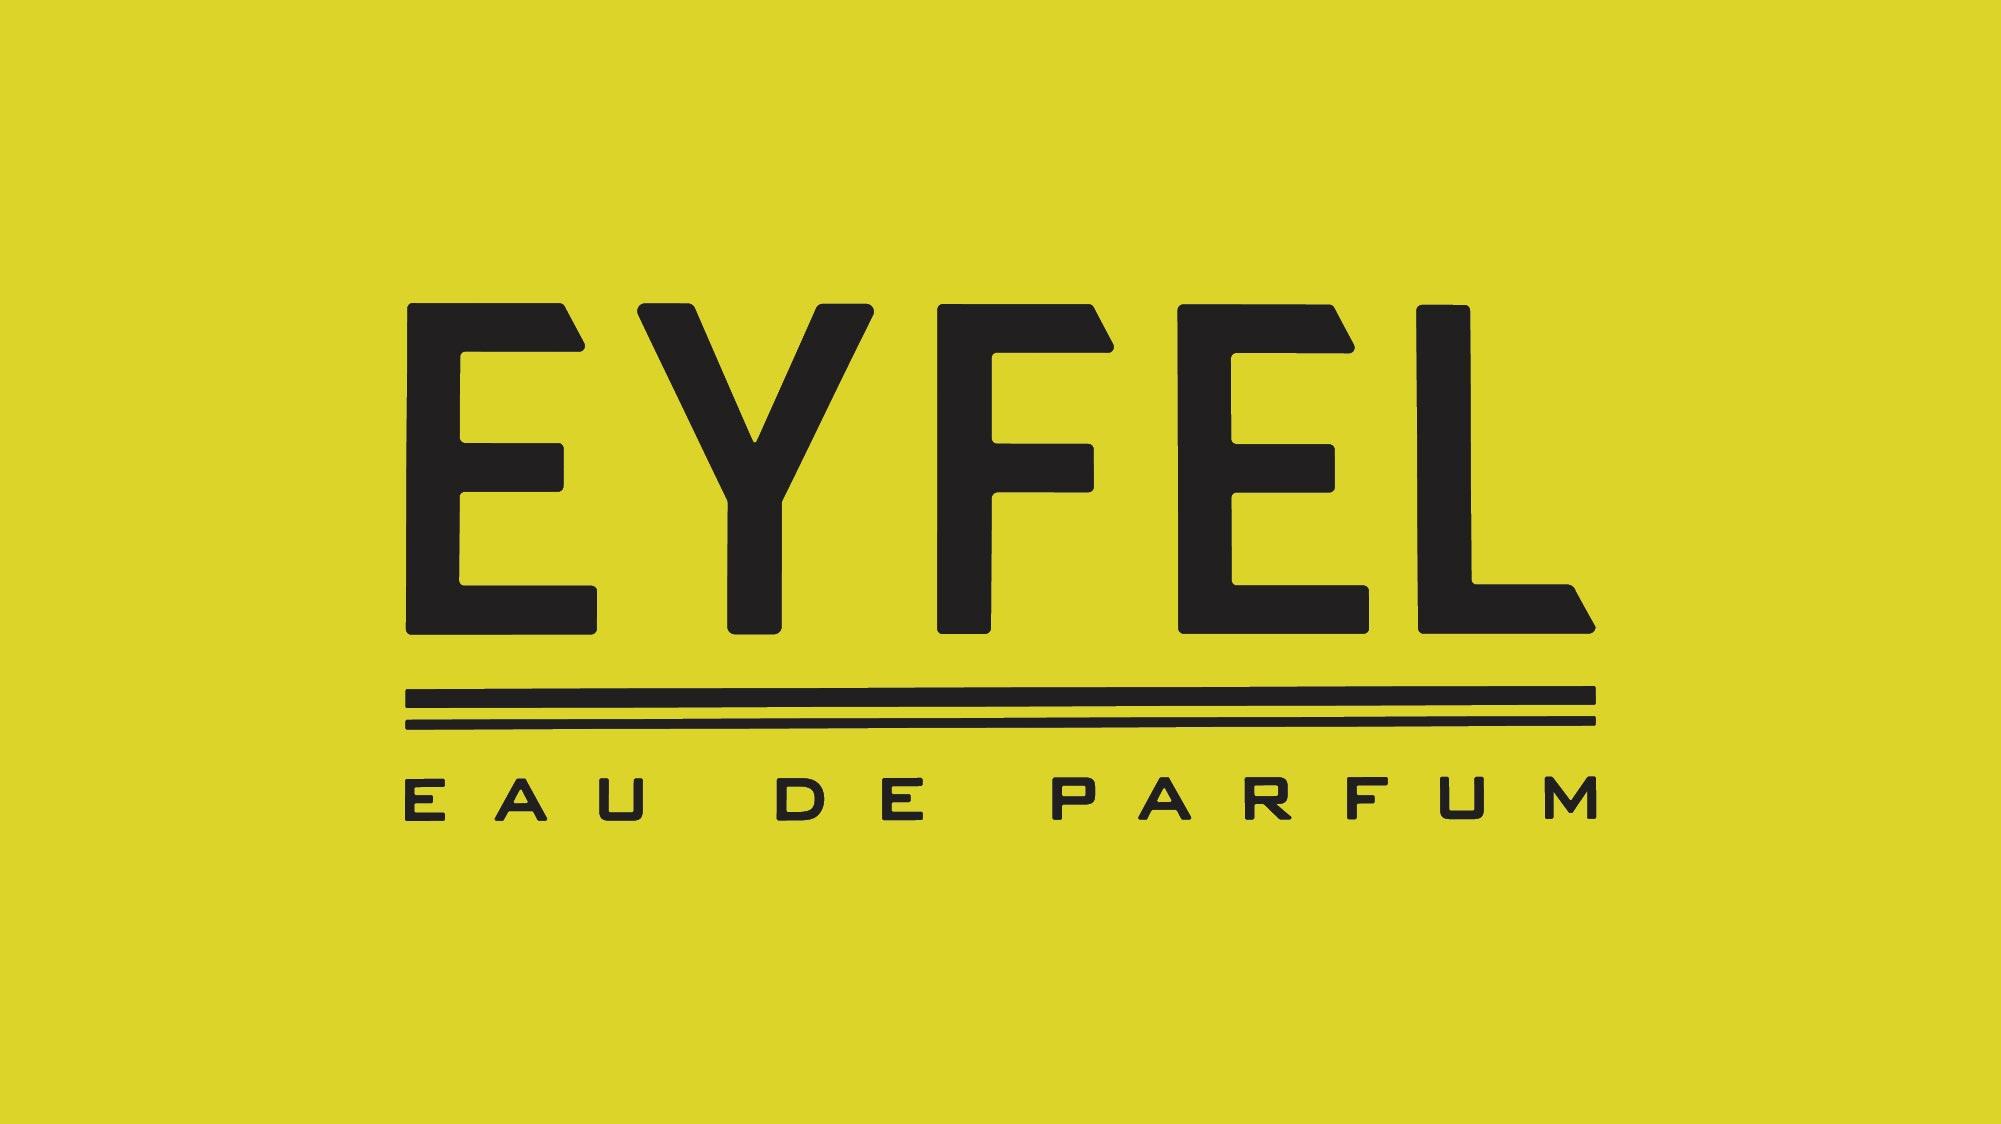 Клиенты рекламного агентства ARTVISION: Eyfel eau de parfum